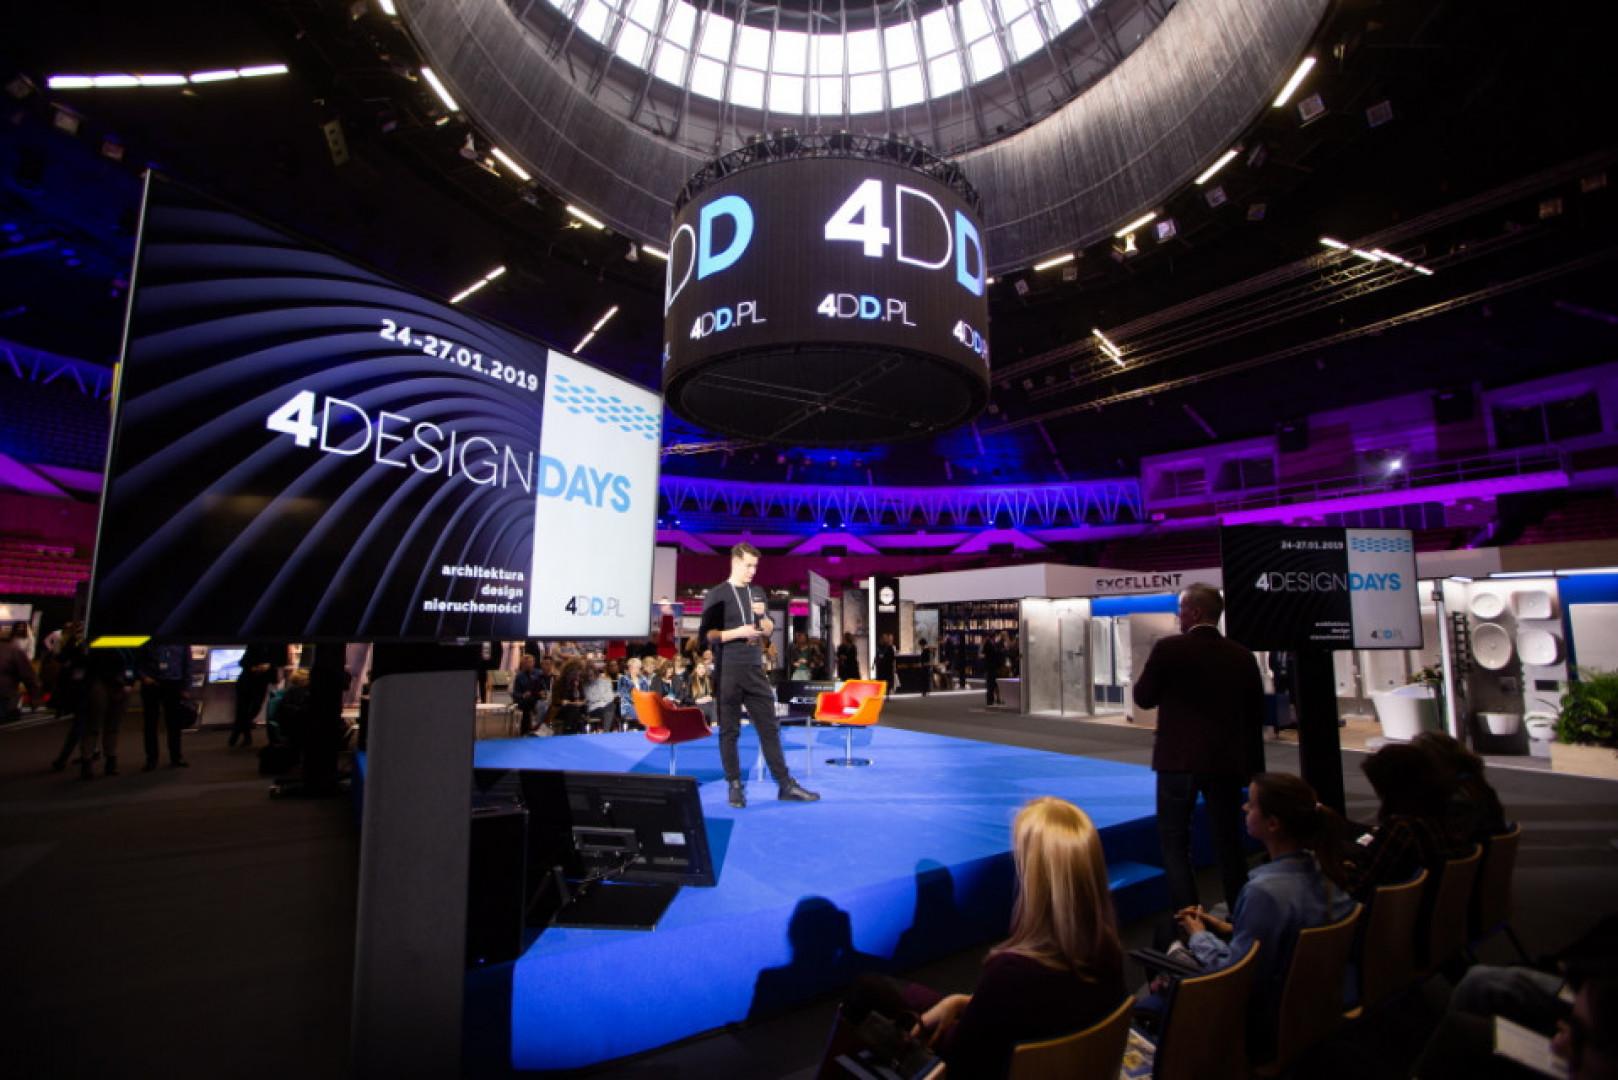 Przed nami 4 Design Days 2020: co w programie?